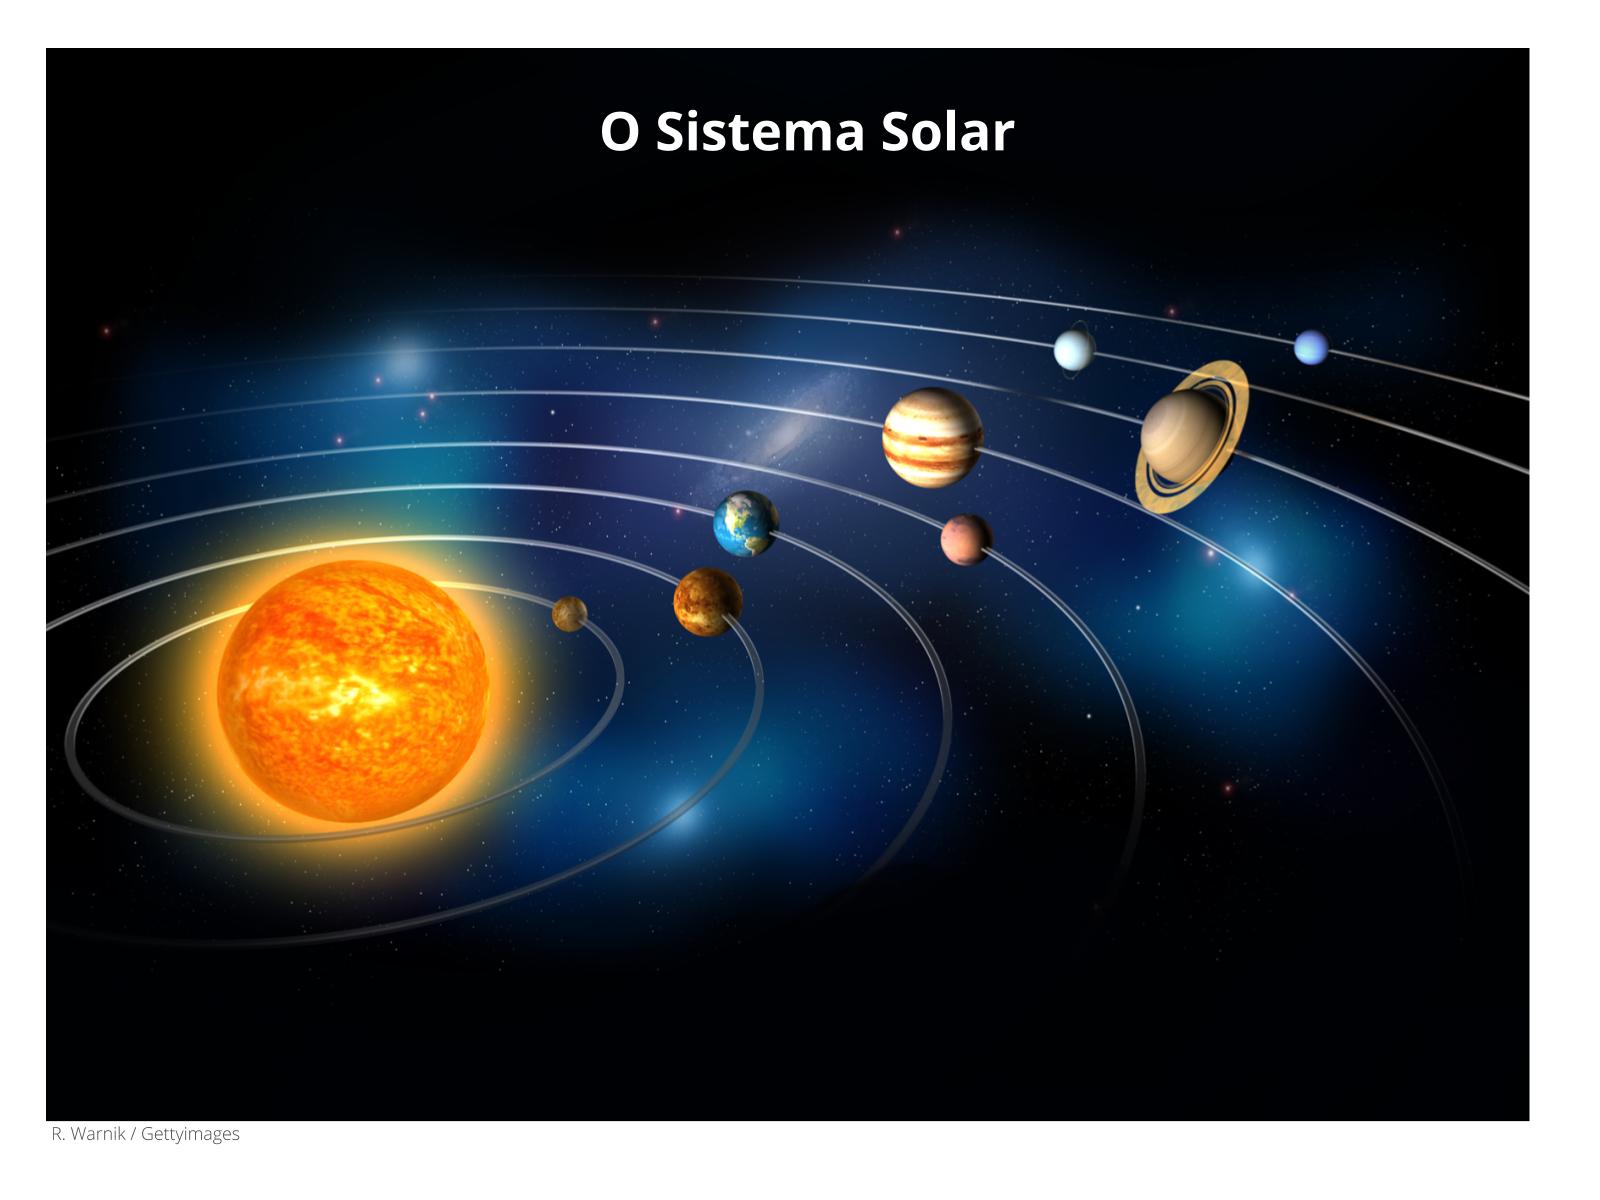 Conhecendo o alinhamento e as zonas habitáveis do Sistema Solar